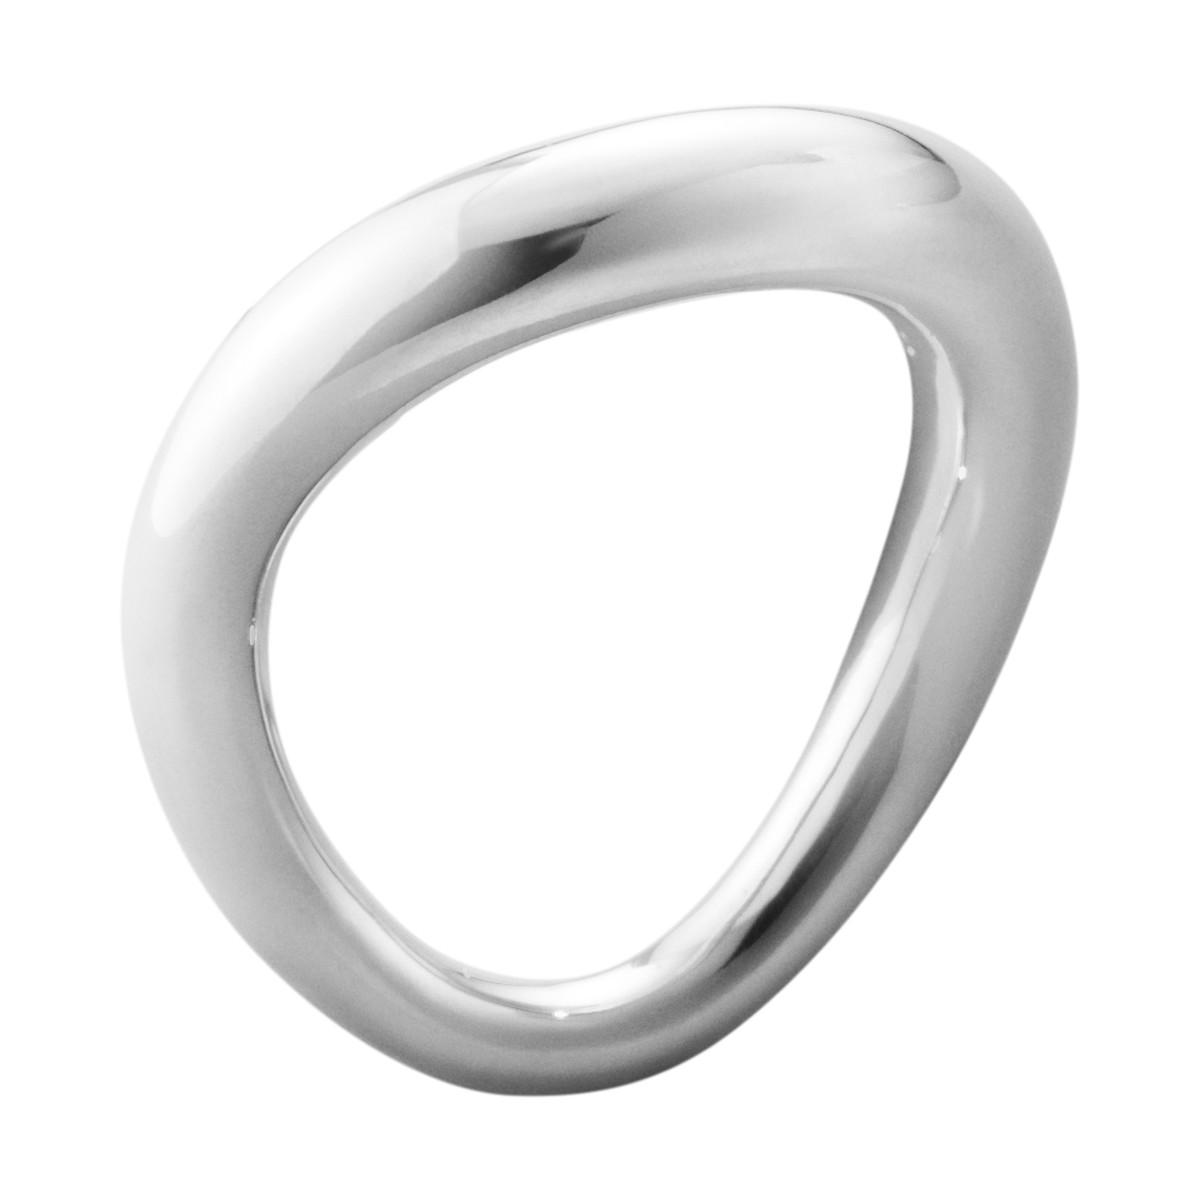 Georg Jensen OFFSPRING sølv ring - 10013245 Sølv 3